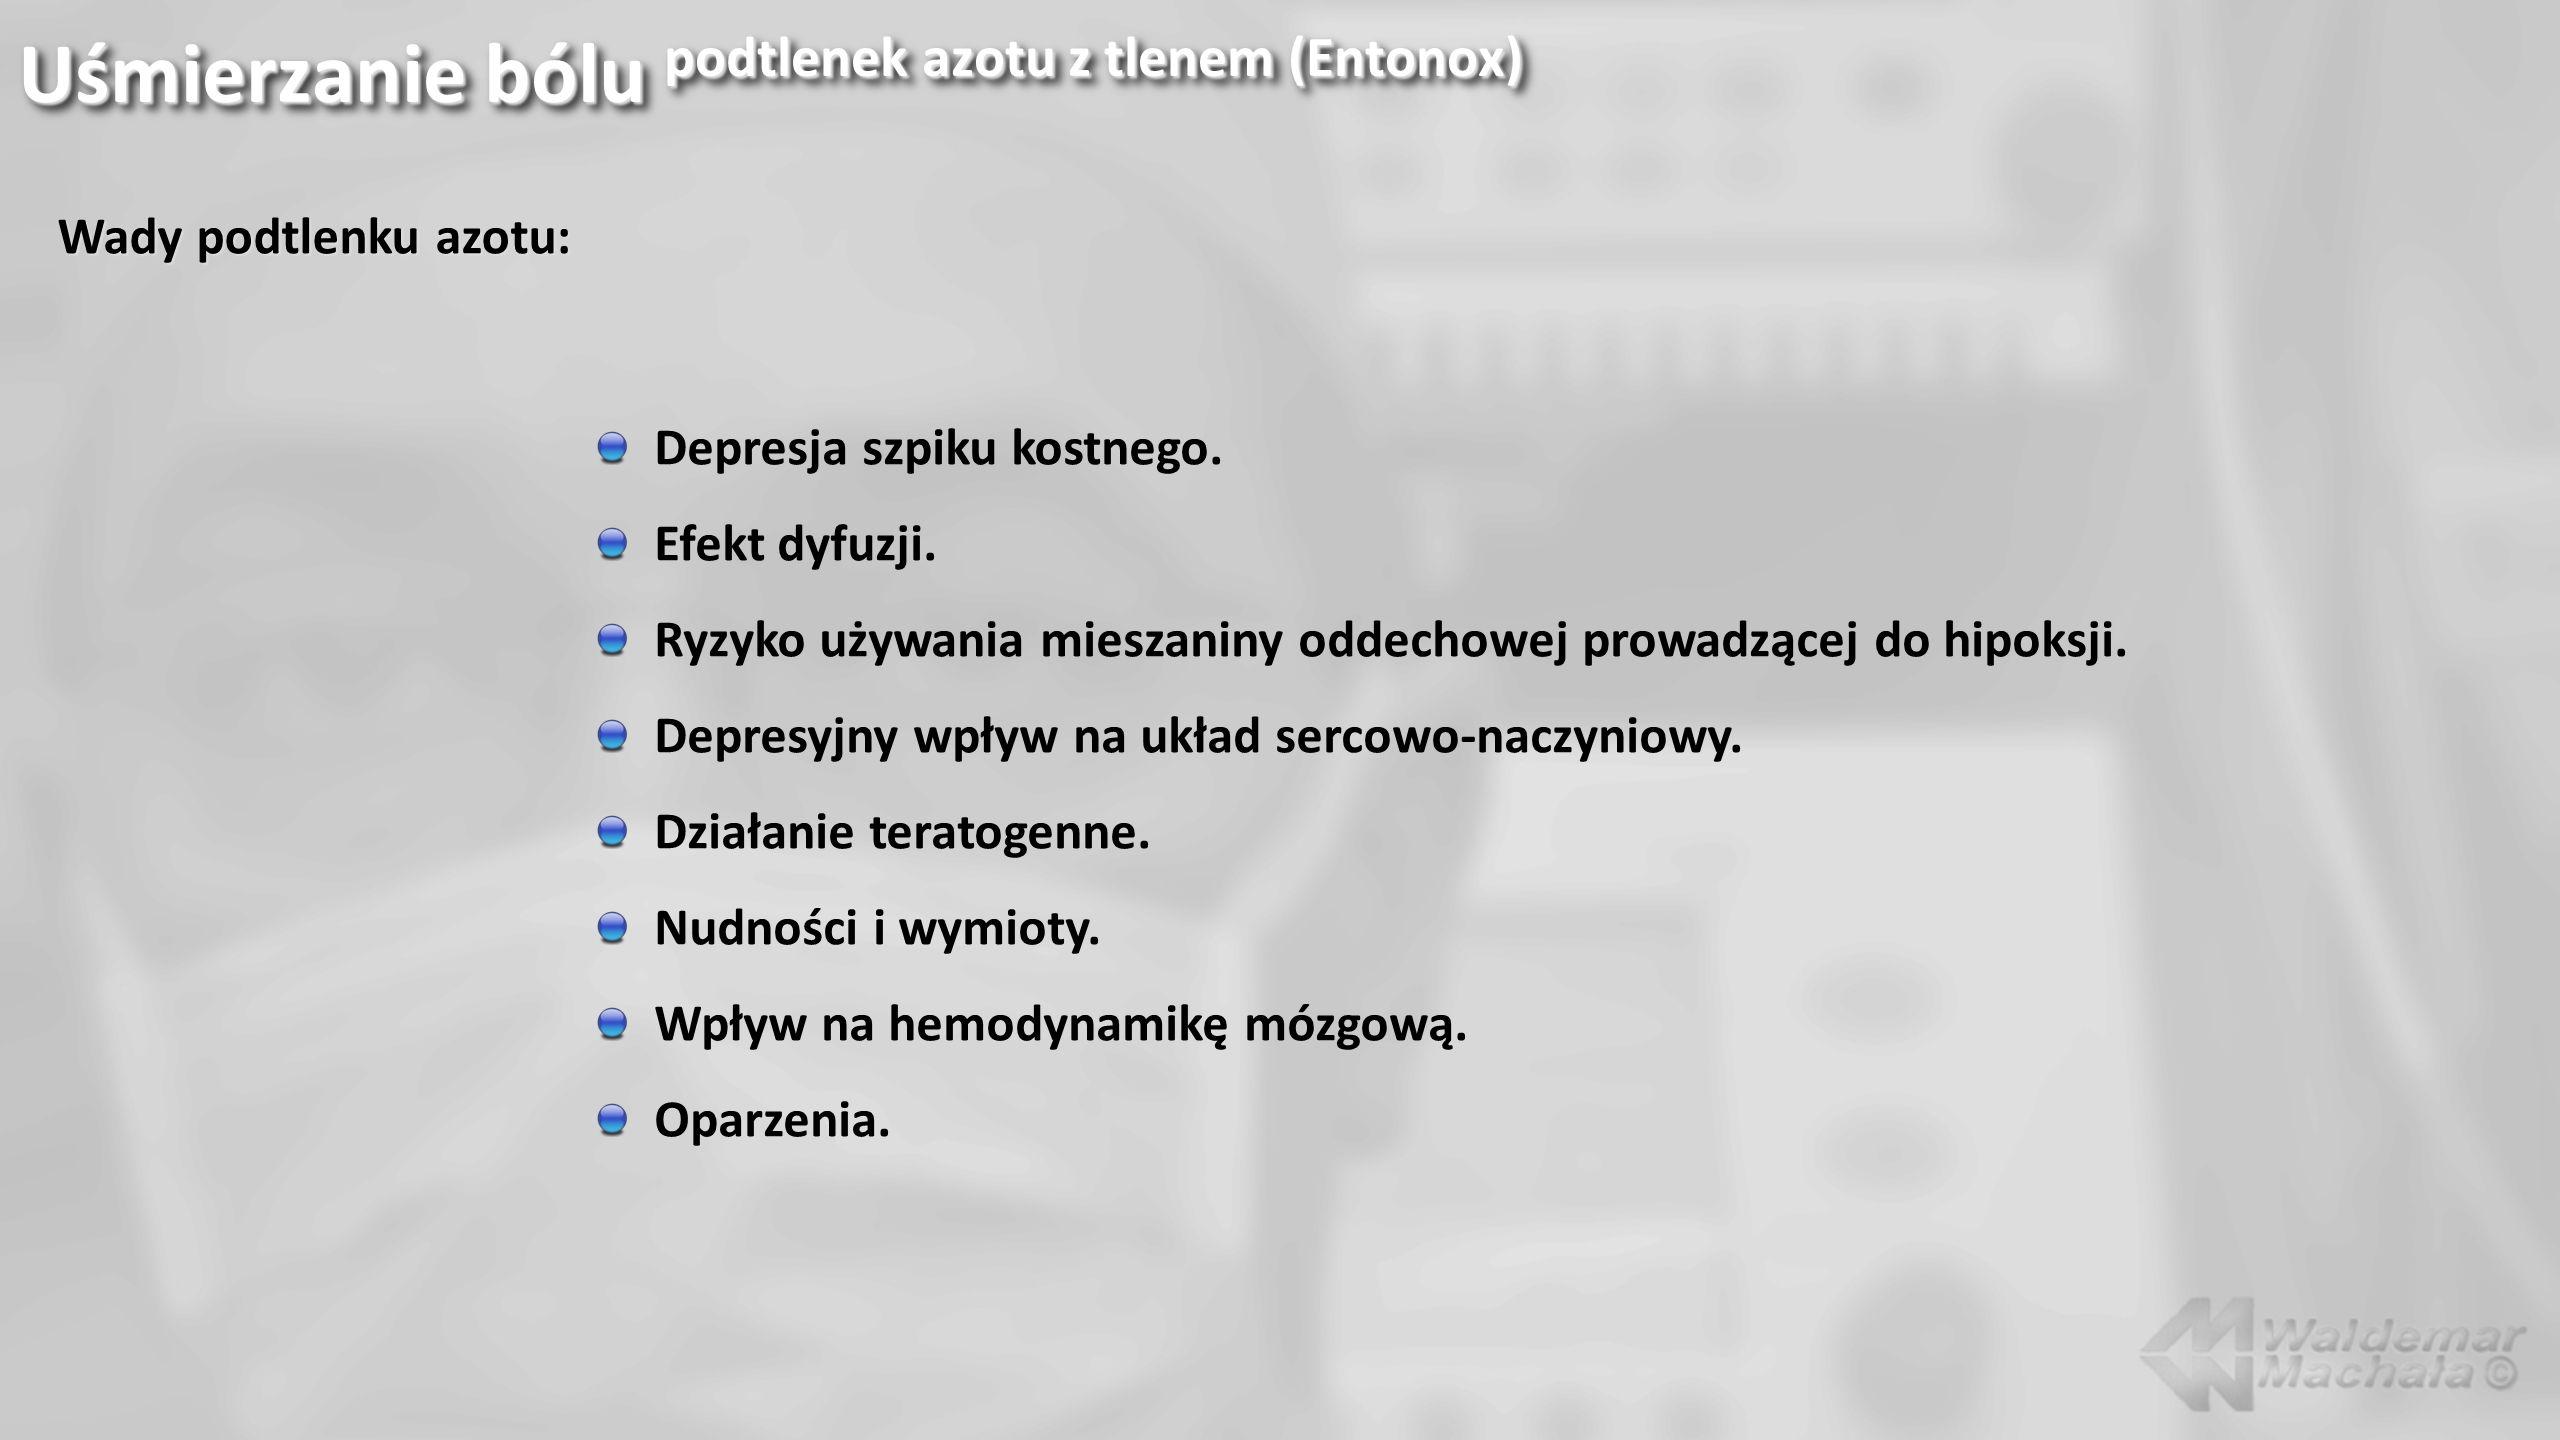 Uśmierzanie bólu podtlenek azotu z tlenem (Entonox) Depresja szpiku kostnego. Efekt dyfuzji. Ryzyko używania mieszaniny oddechowej prowadzącej do hipo